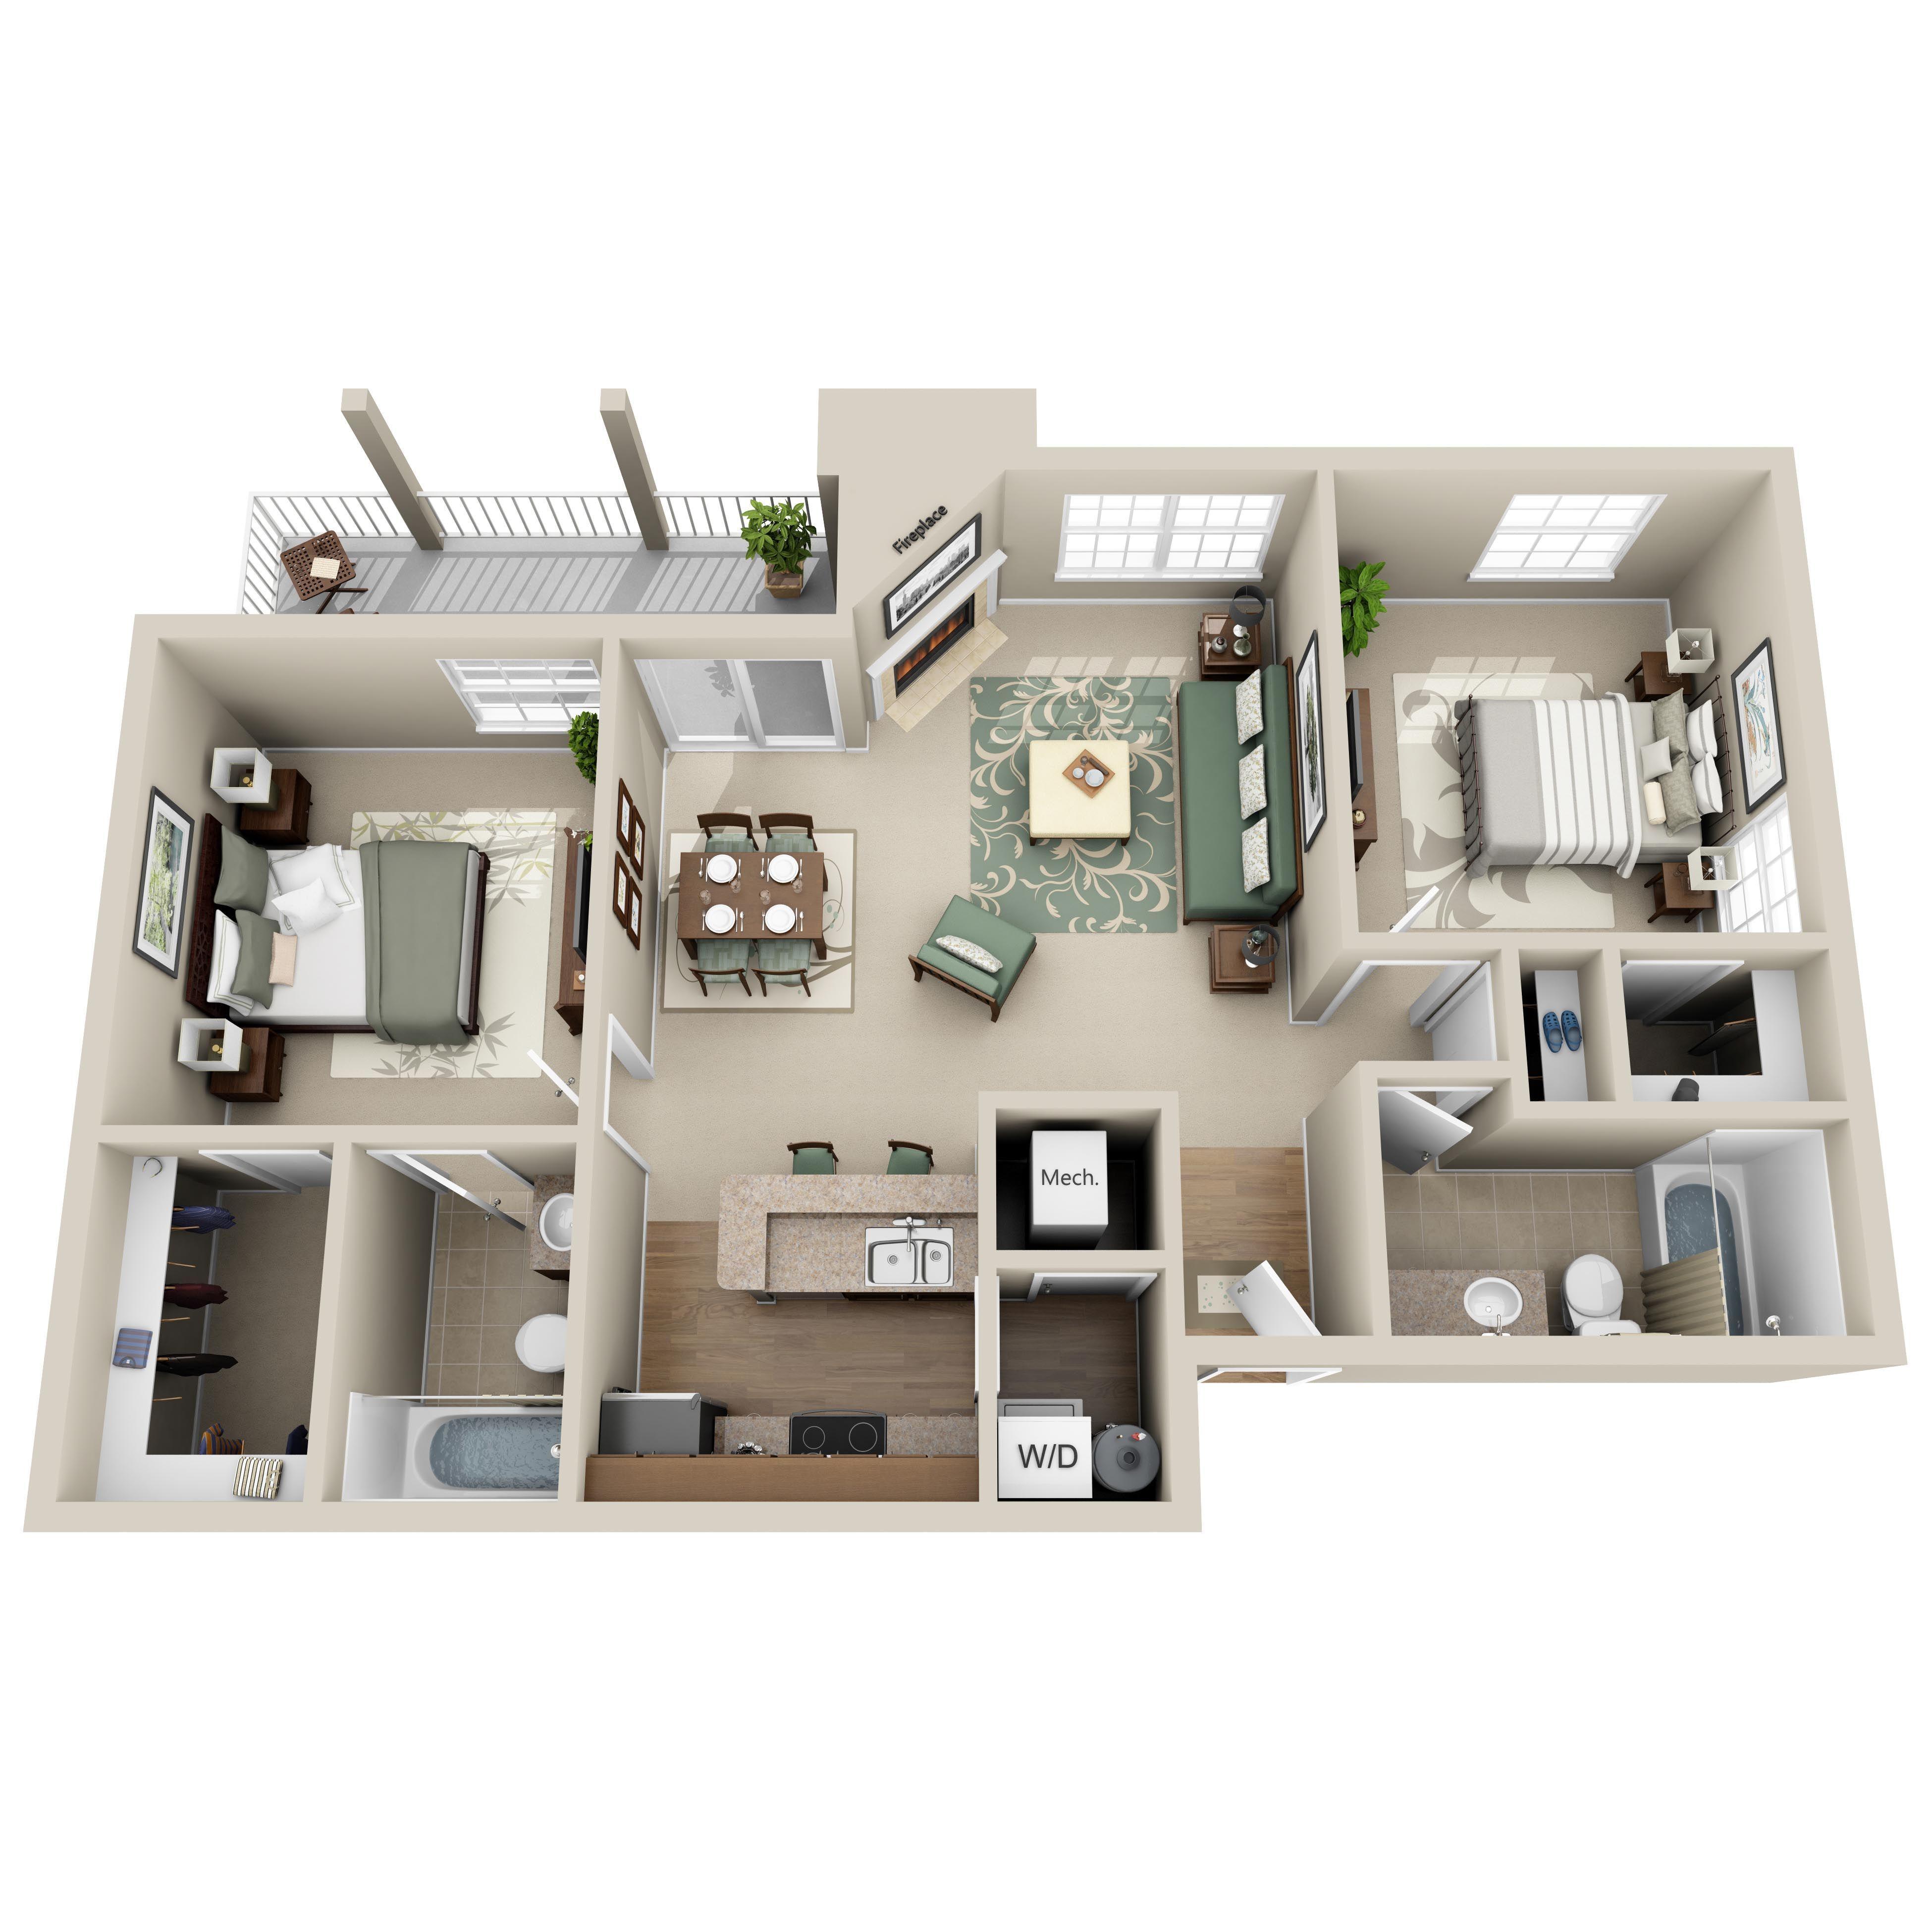 Deer Valley Luxury Apartments 2 Bed 2 Bath Luxurybeddinglayout